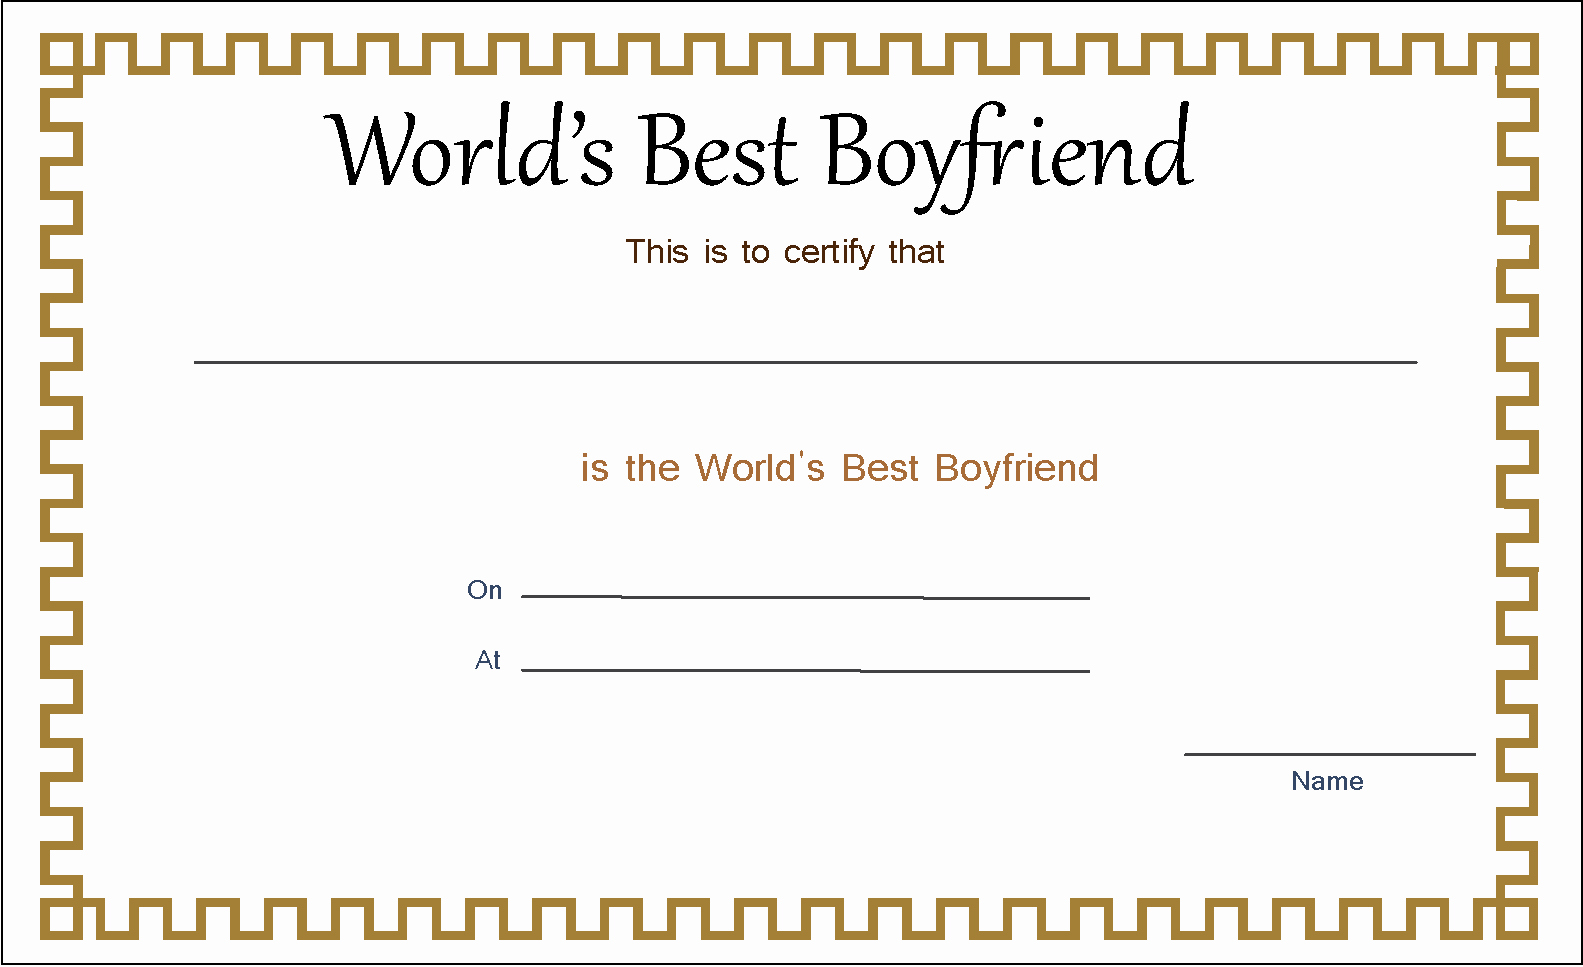 Best Boyfriend Award Certificate Best Of Best Boyfriend Award Certificate Template Blank Award